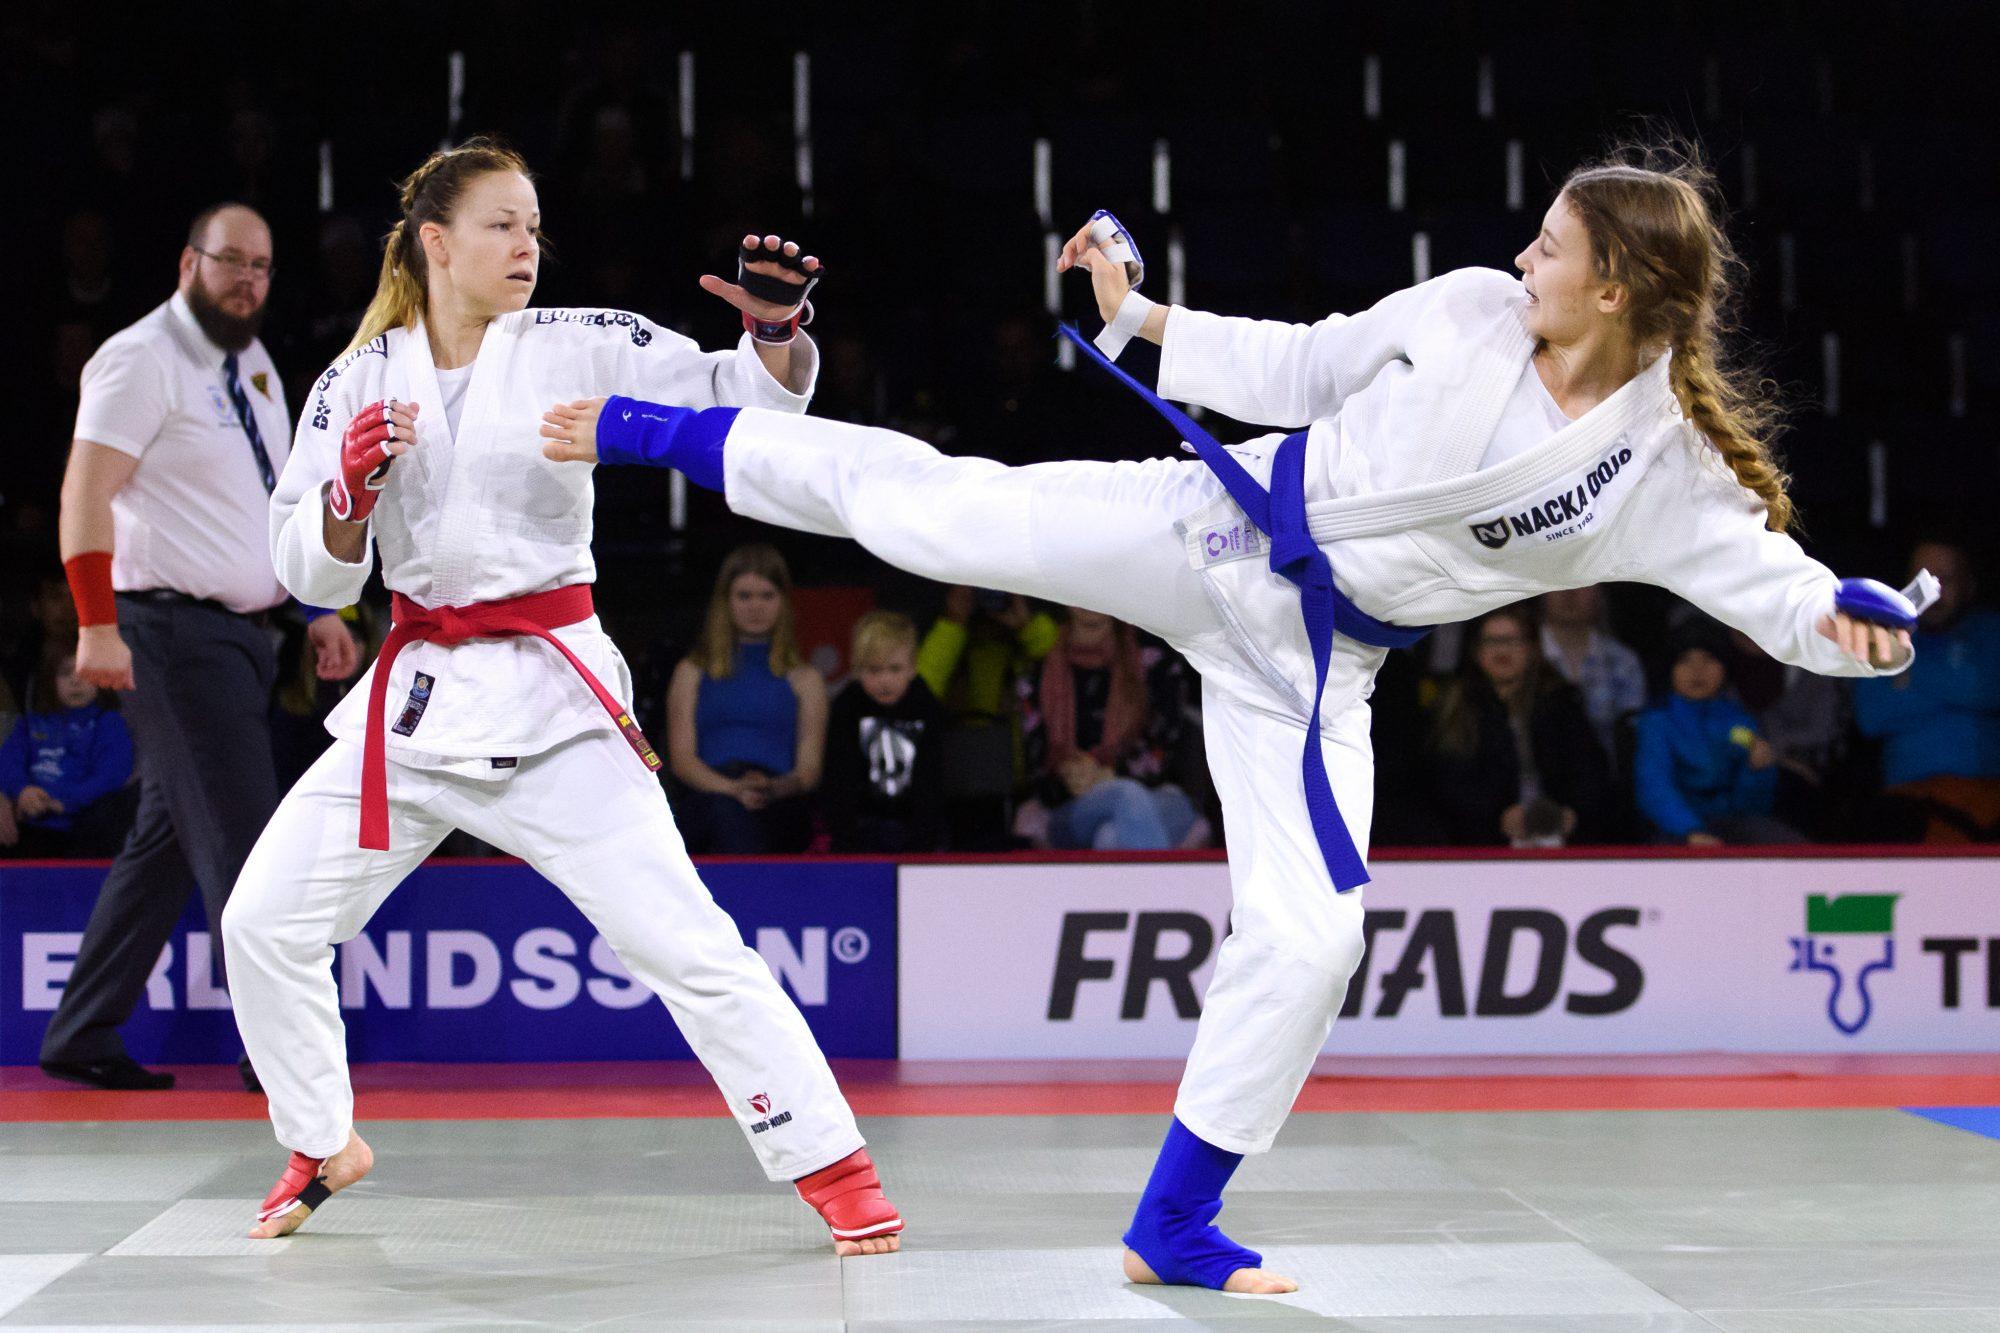 Johanna Hamberg möter Lovisa Schmidt i en final i jujutsu under dag 6 av SM-veckan den 25 mars 2018 i Skellefteå